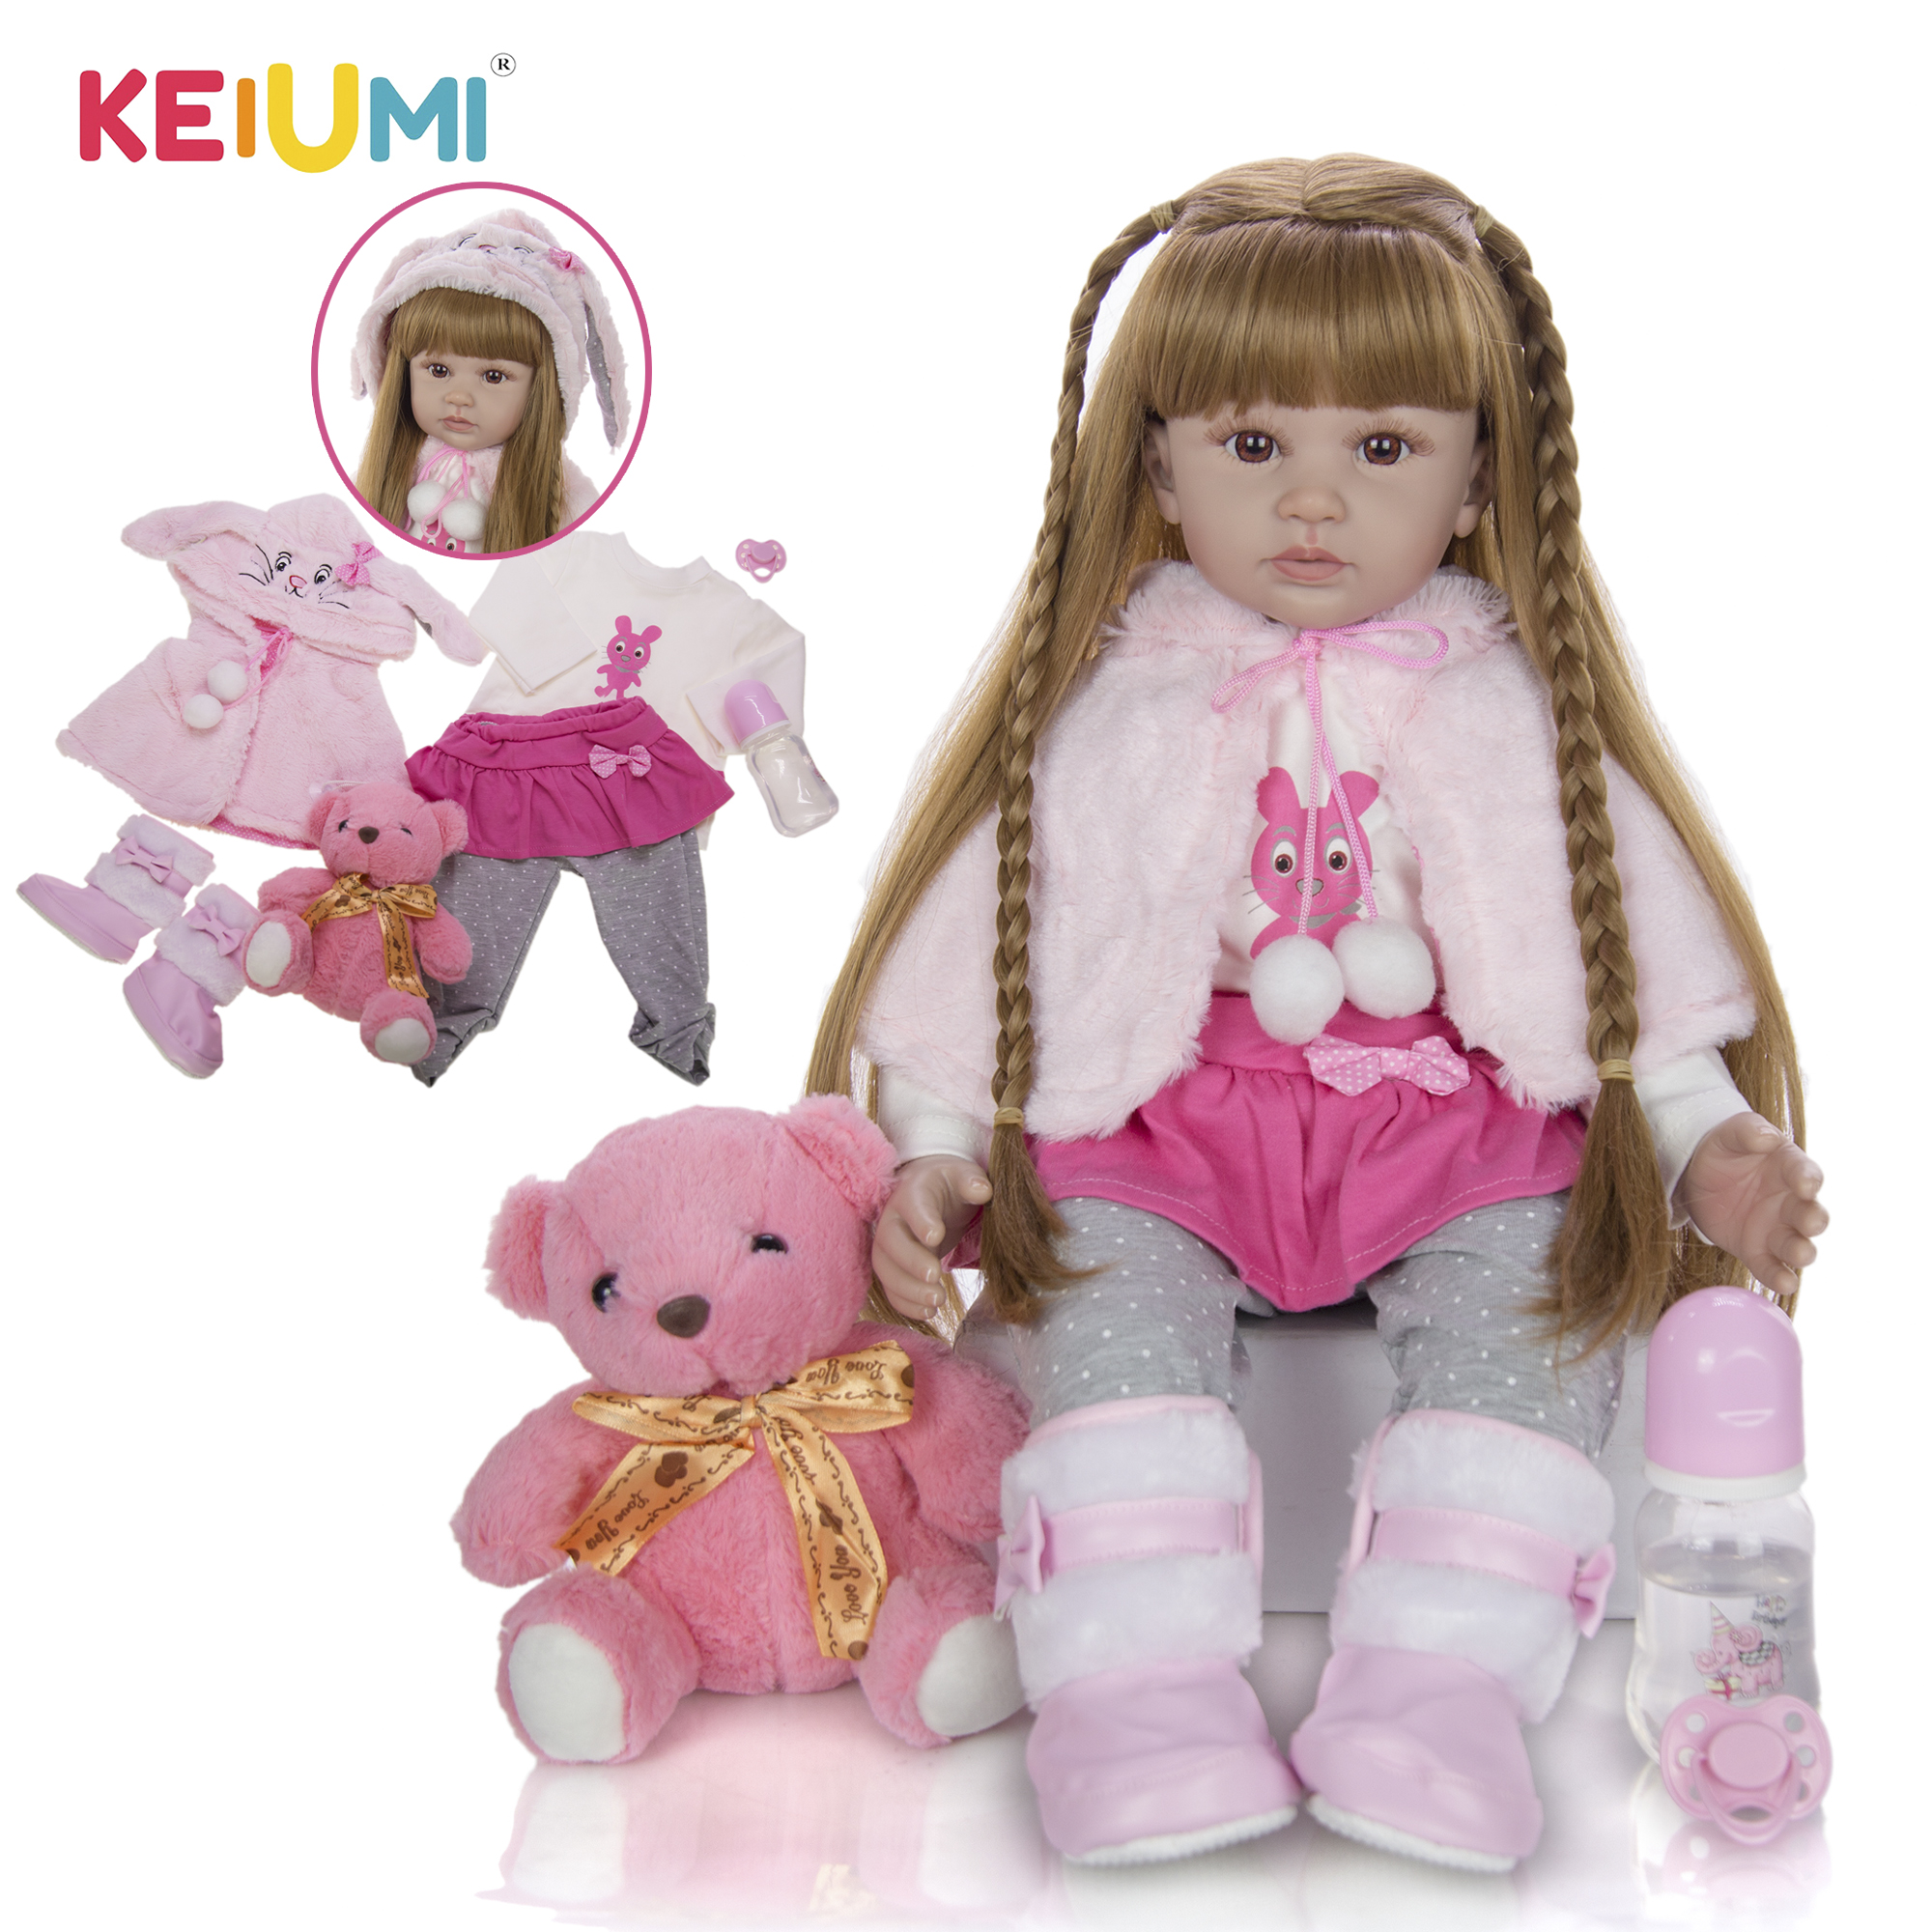 Мультяшная Кукла реборн KEIUMI, мягкое тканевое тело 60 см, накидка Реборн, Реалистичная кукла с длинными волосами, подарок принцессе на день ро...